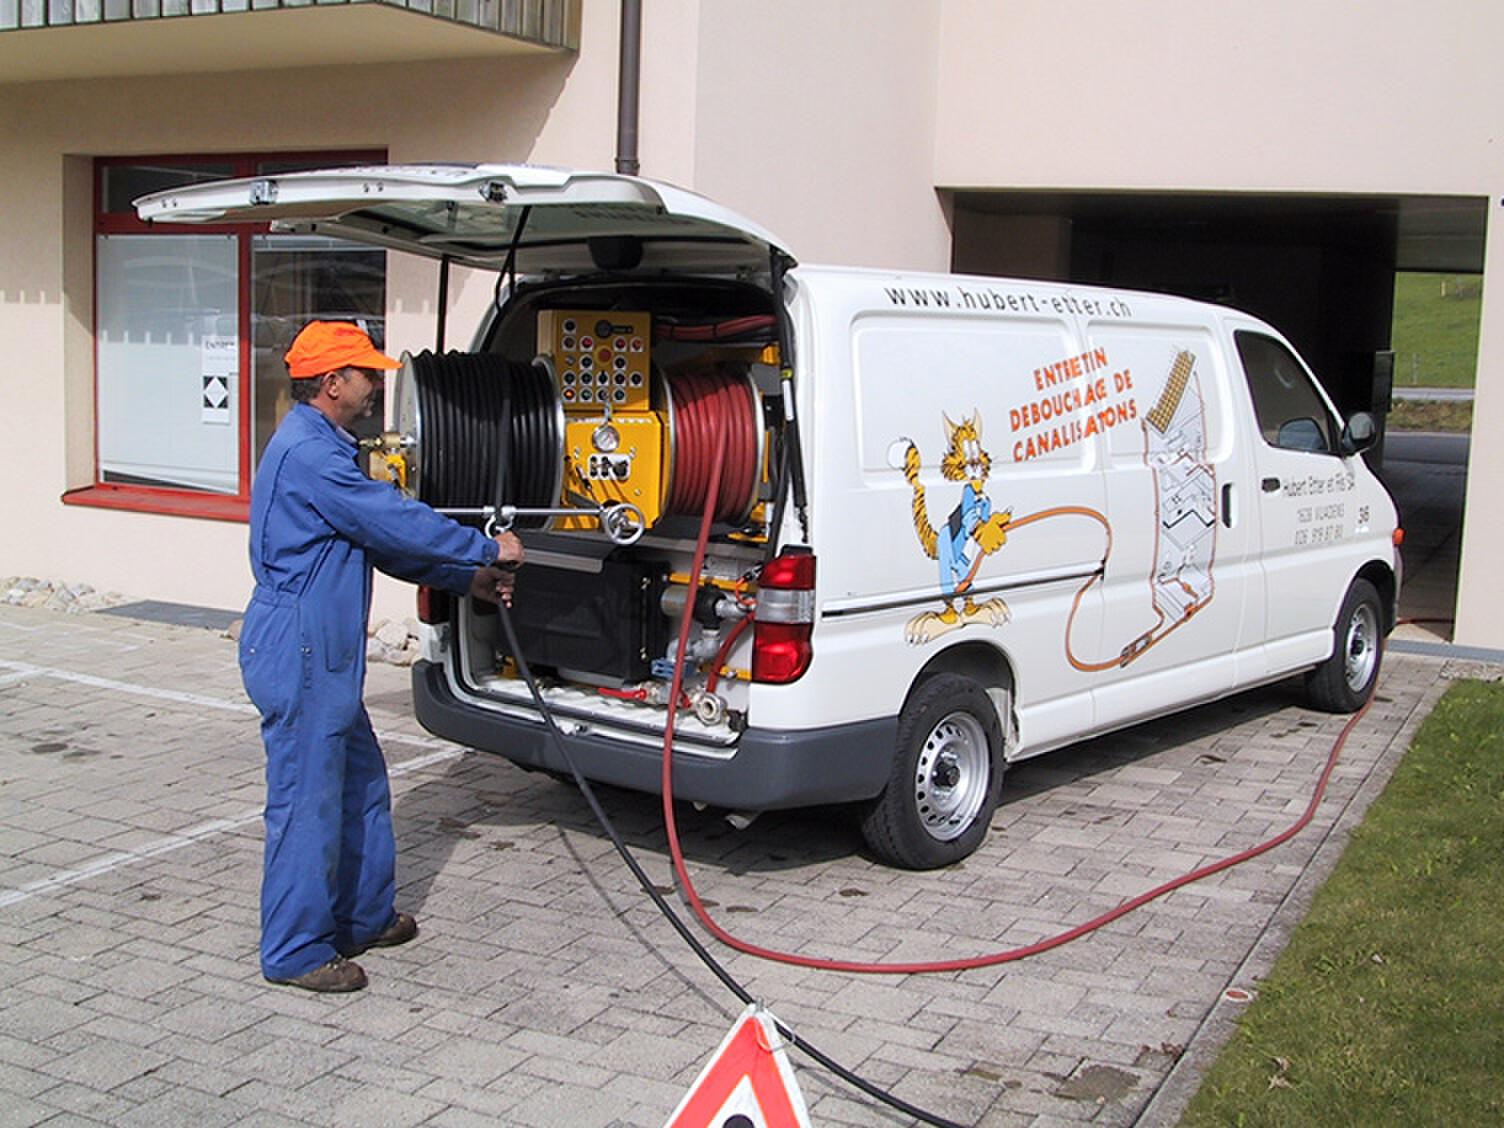 Mise en service de notre 1er mini-cureur spécialisé pour l'entretien de canalisations de villas, immeubles, etc.